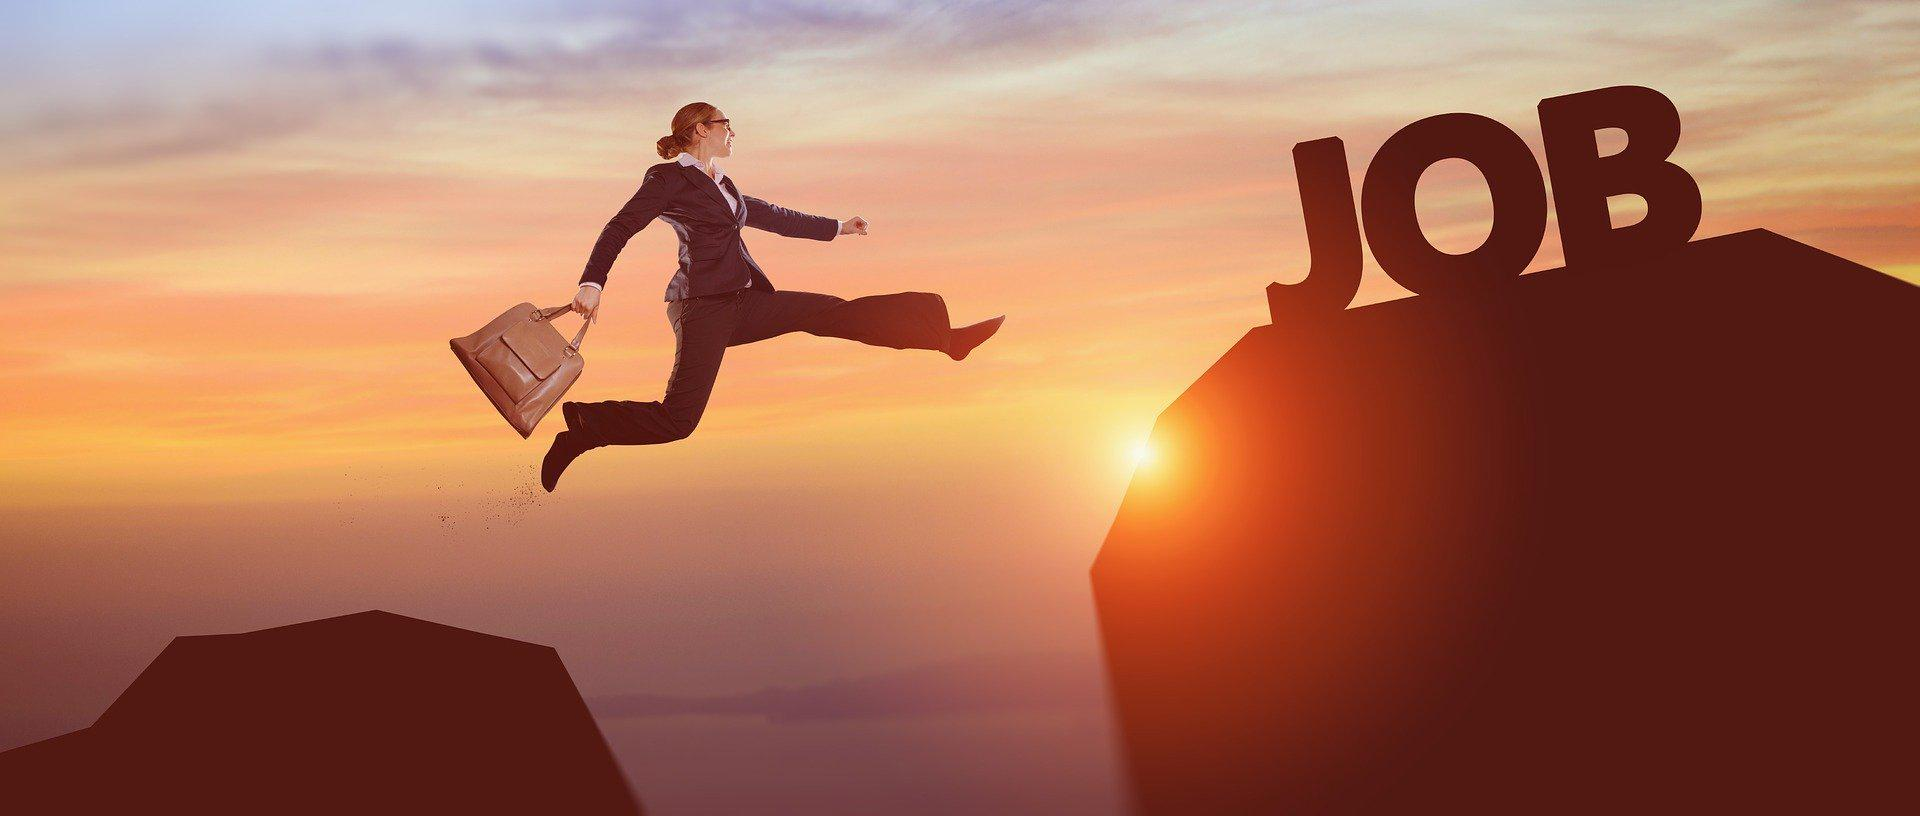 Ποιες δεξιότητες πρέπει να αναπτύξετε για να βελτιώσετε την καριέρα σας